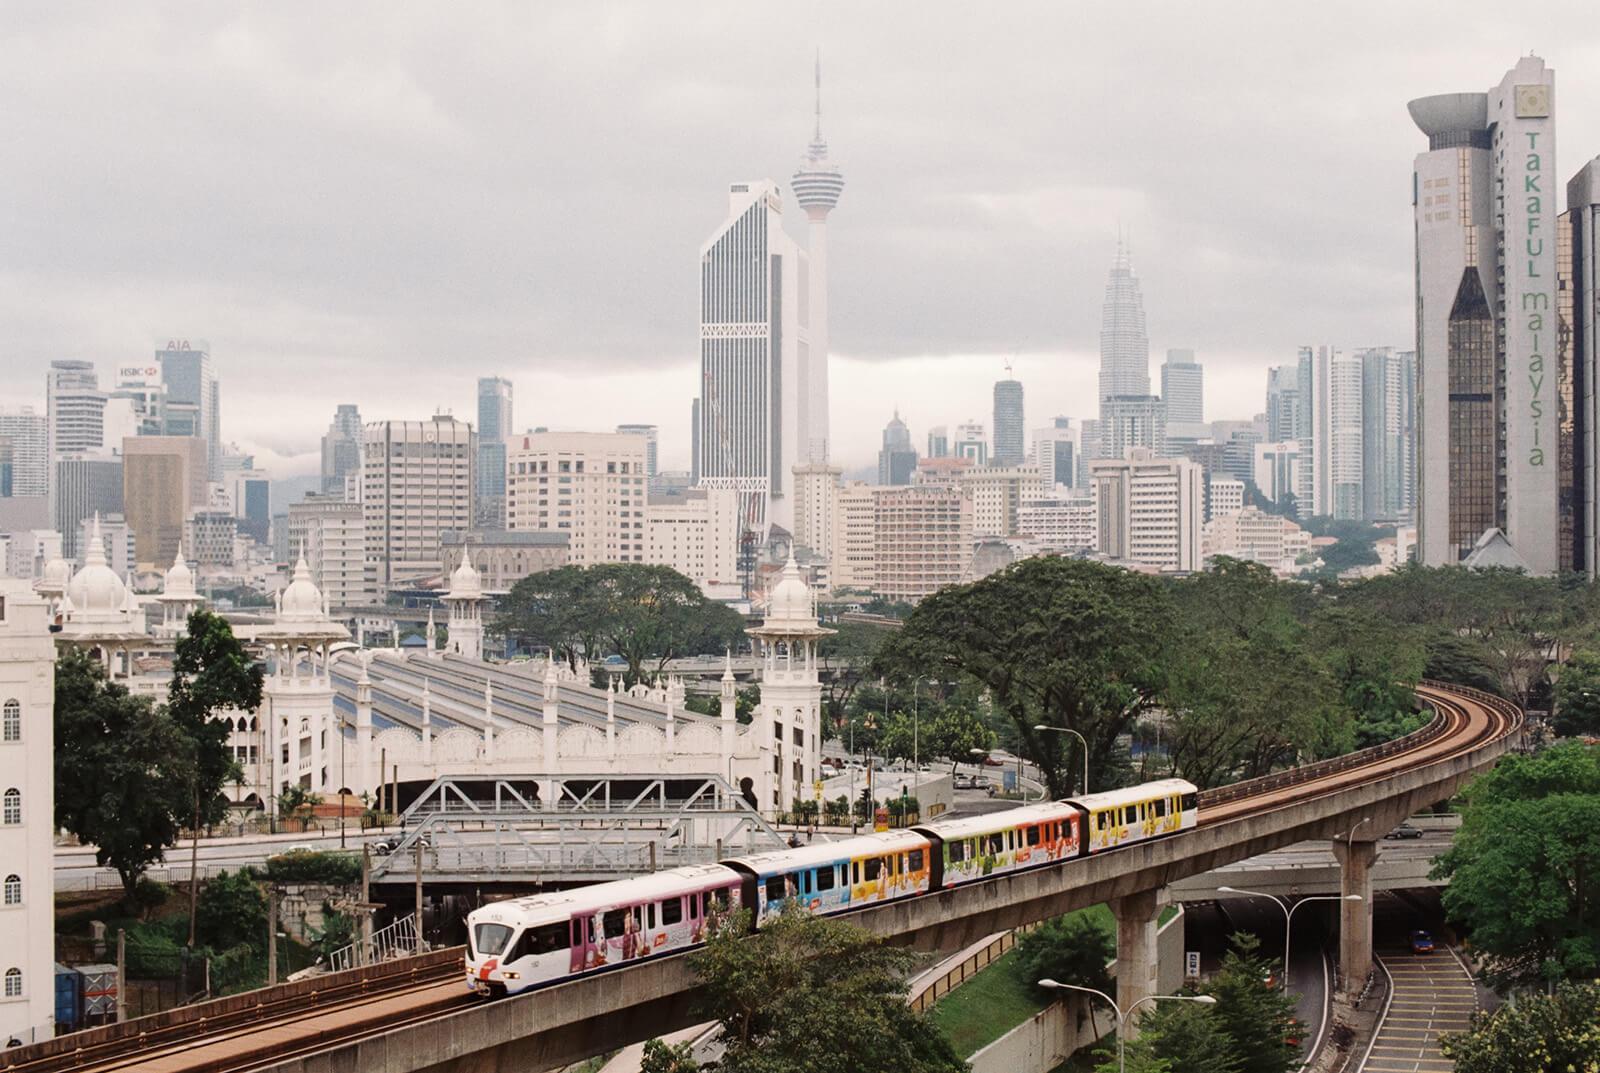 The LRT in Kuala Lumpur, Malaysia